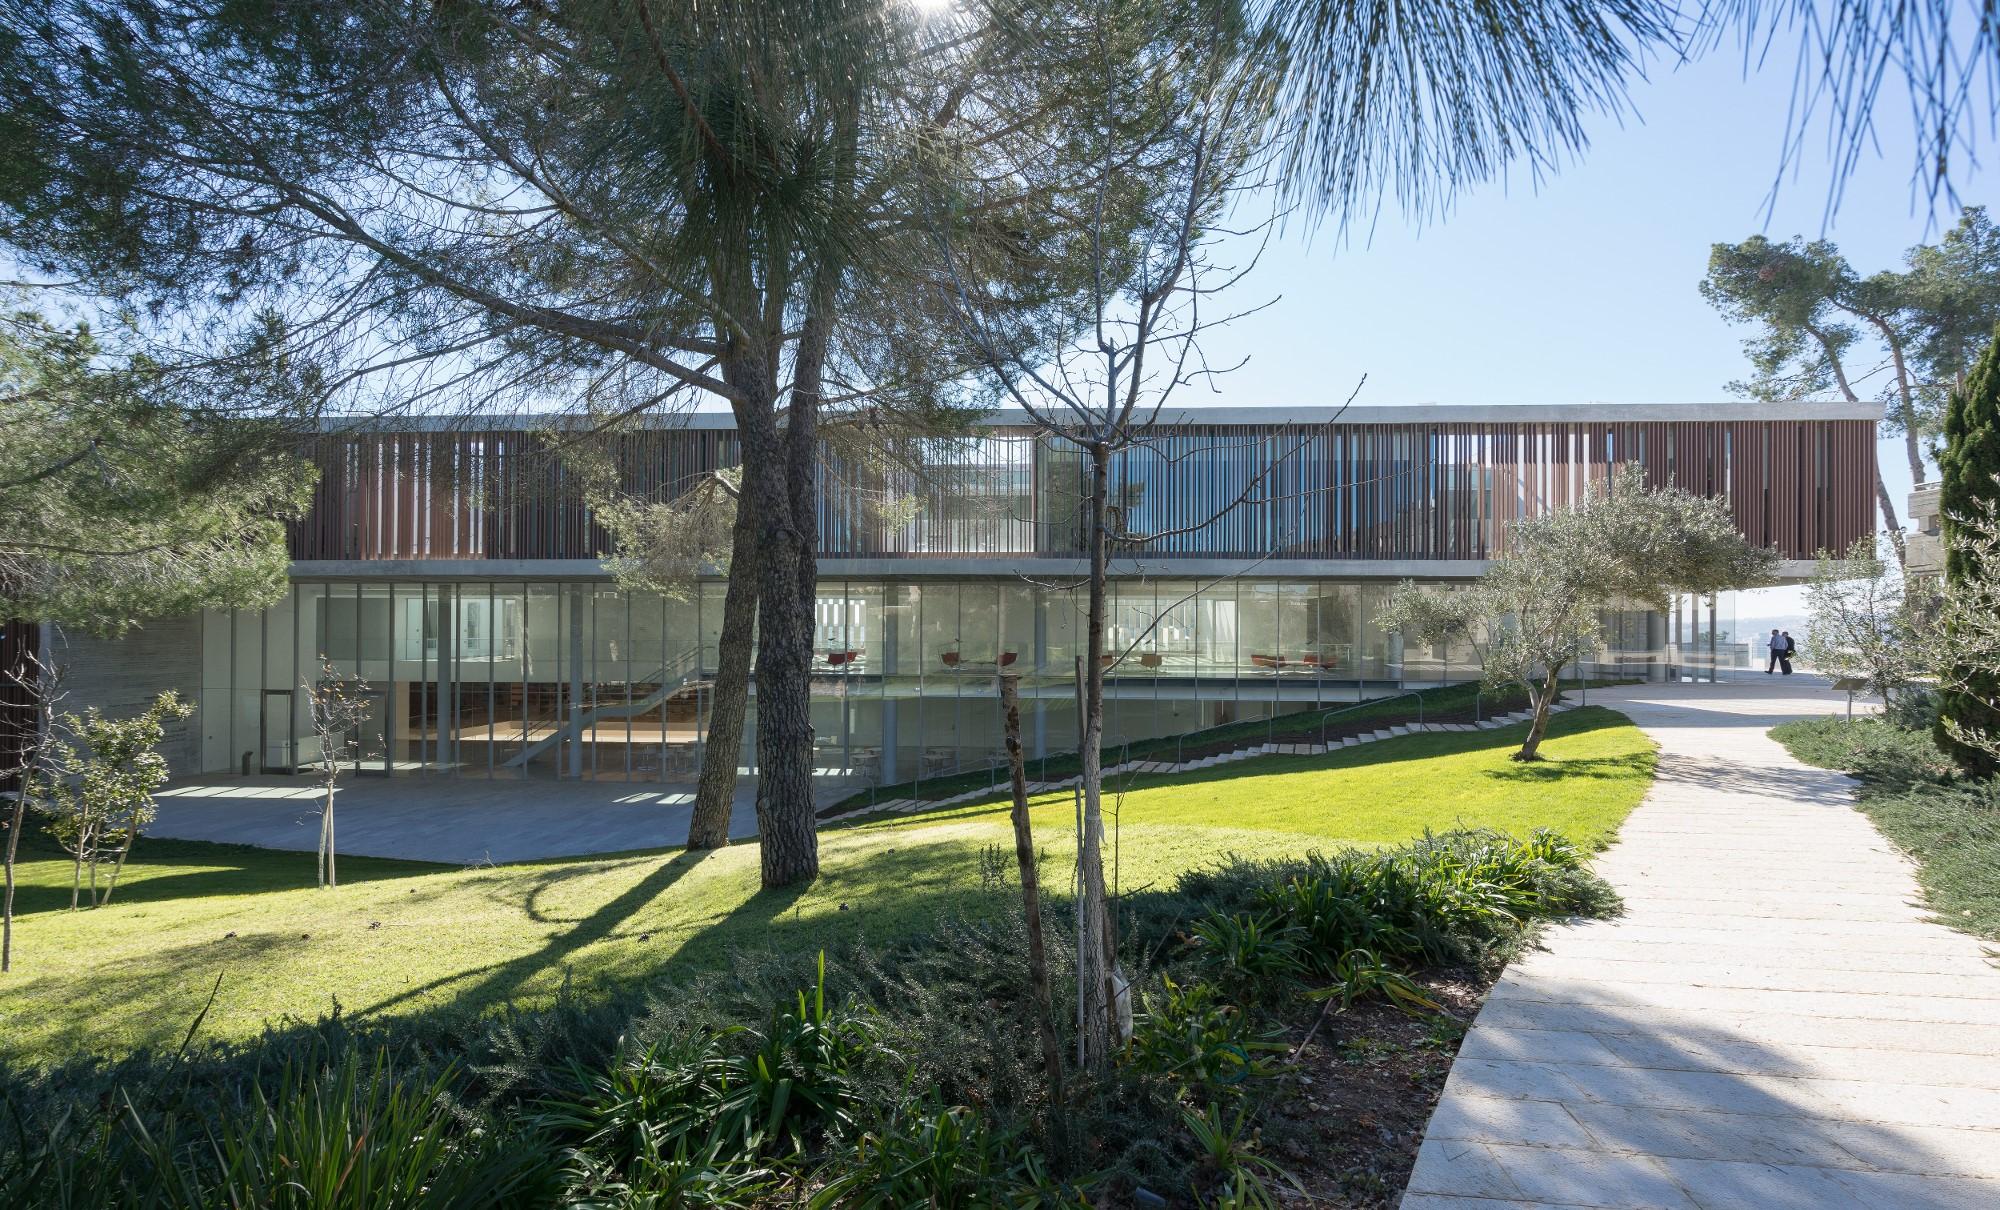 (צילום: ארדון בר-חמא, באדיבות חיוטין אדריכלים, קמפוס ואן-ליר בירושלים)